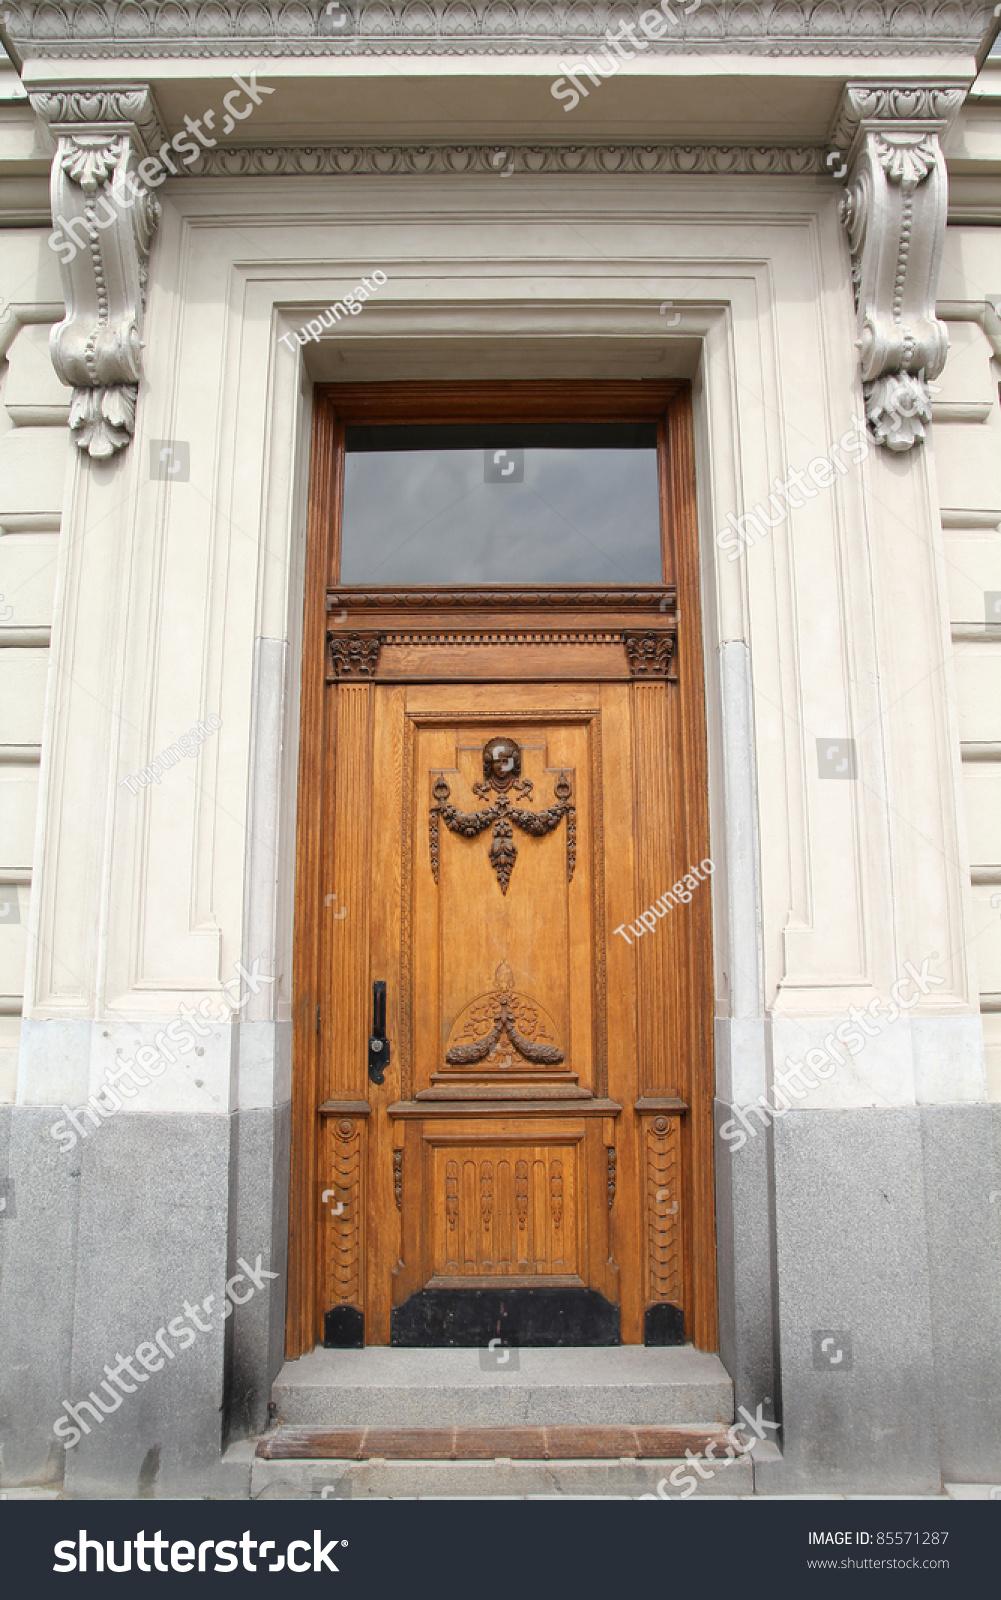 Stockholm sweden beautiful wooden door old stock photo for Beautiful wooden doors picture collection